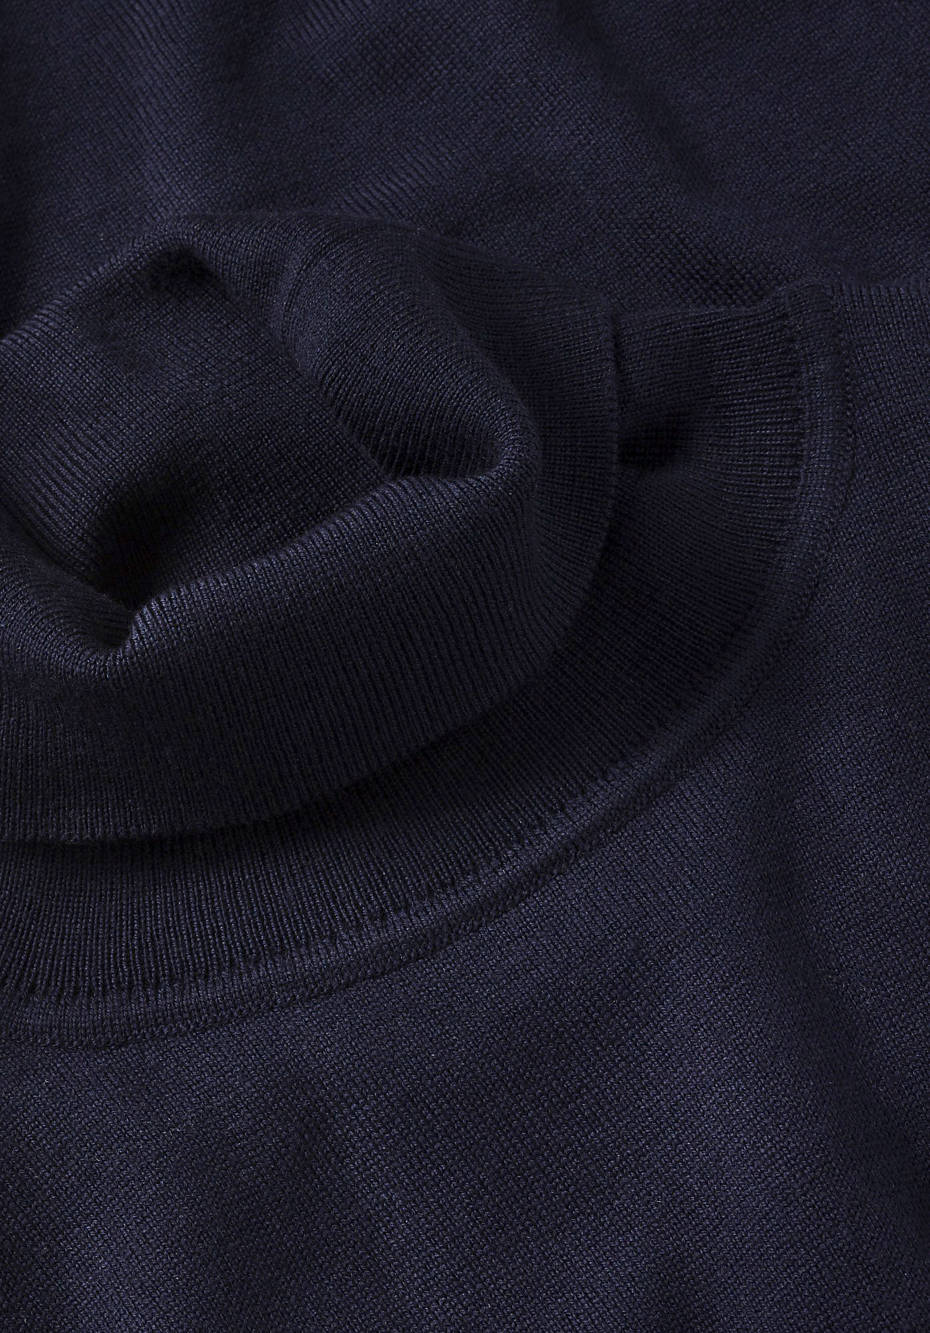 Kurzarm-Pullover aus reiner Bio-Merinowolle